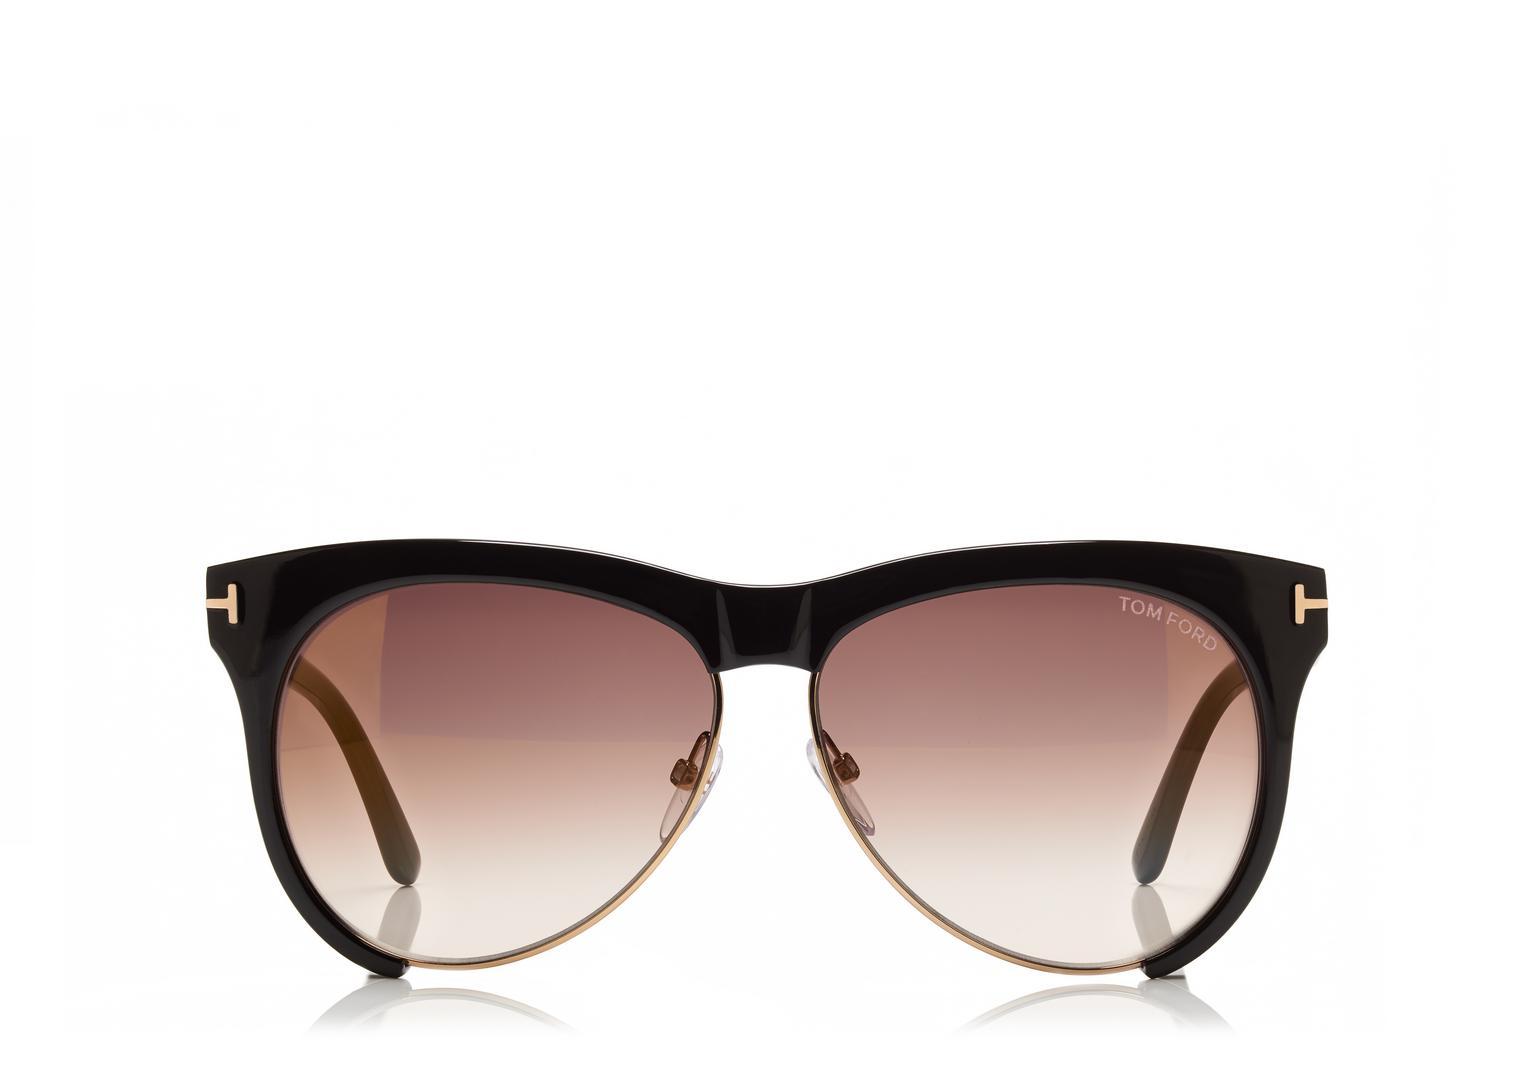 لعينيك سحر لا يقاوم سيدتي (نظارات 2015 ماركة توم فورد)